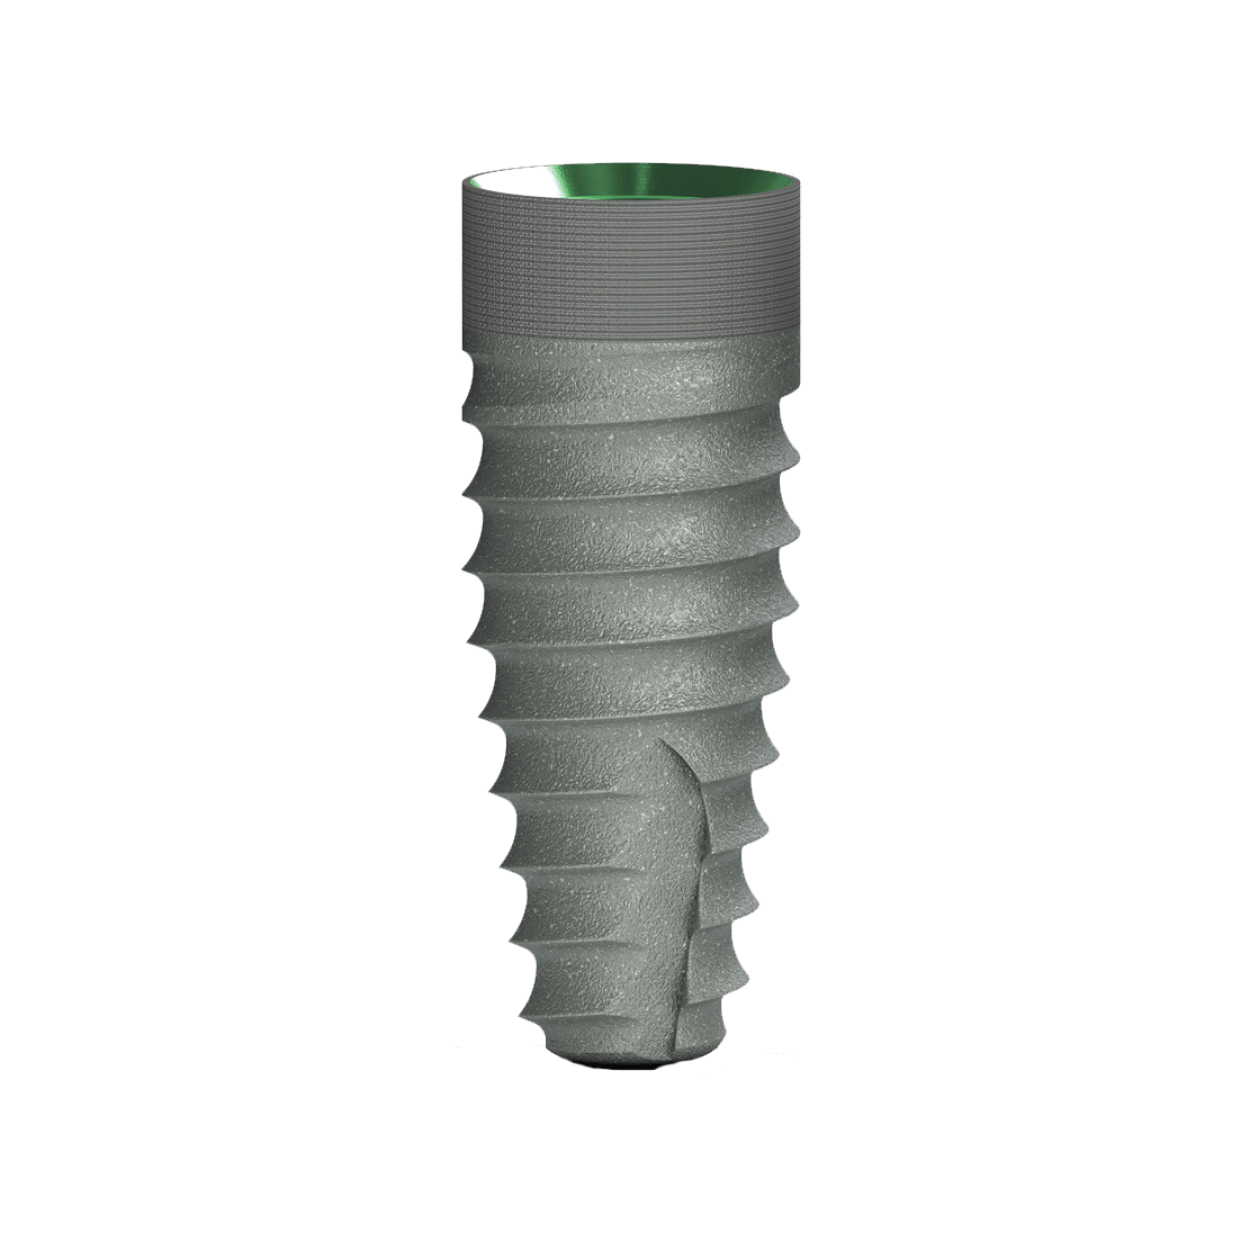 biohorizons tapered implantátum